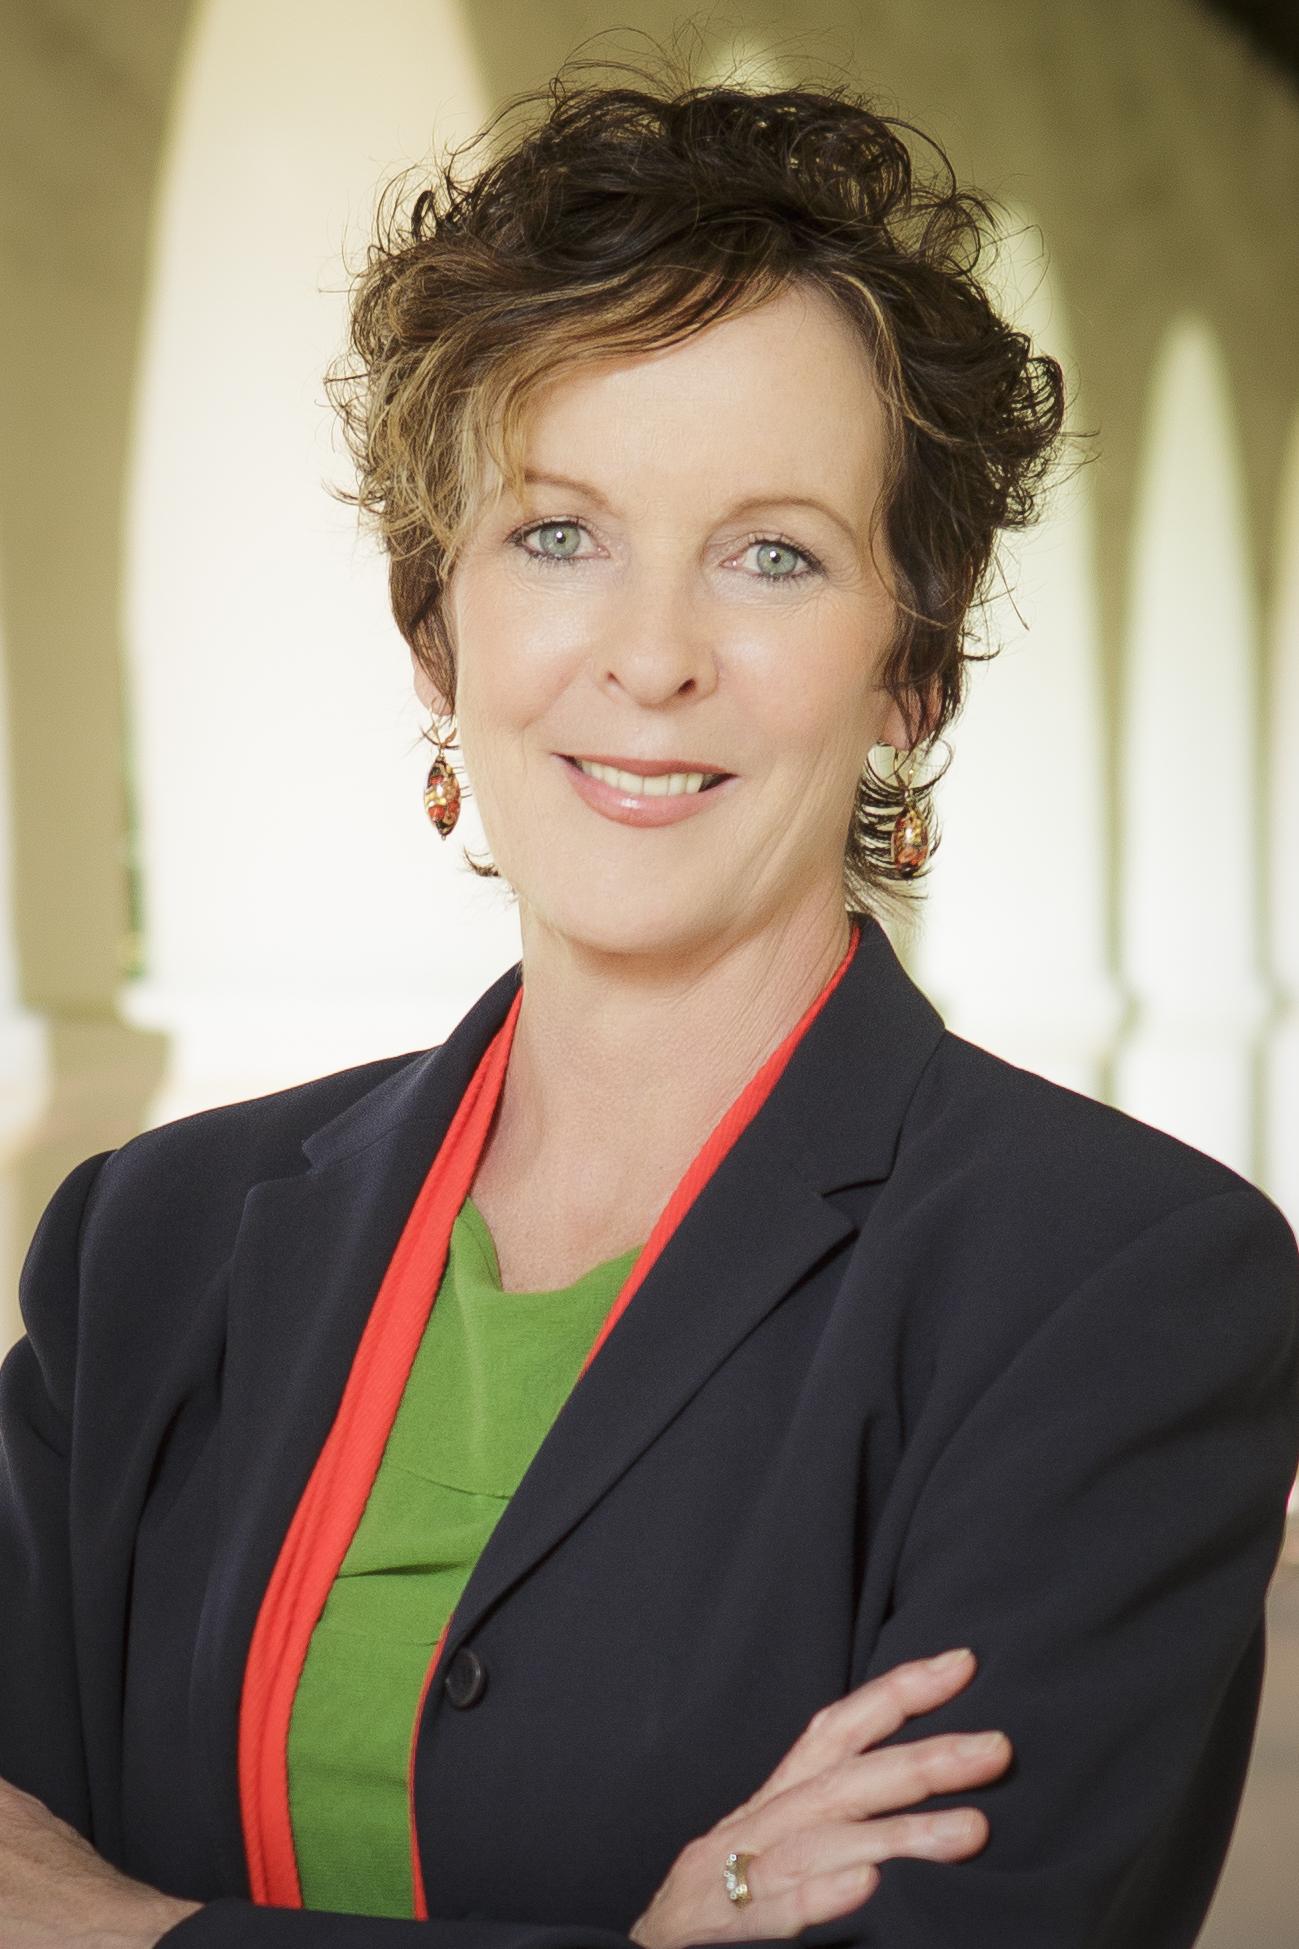 Elizabeth Donahue Marucheau